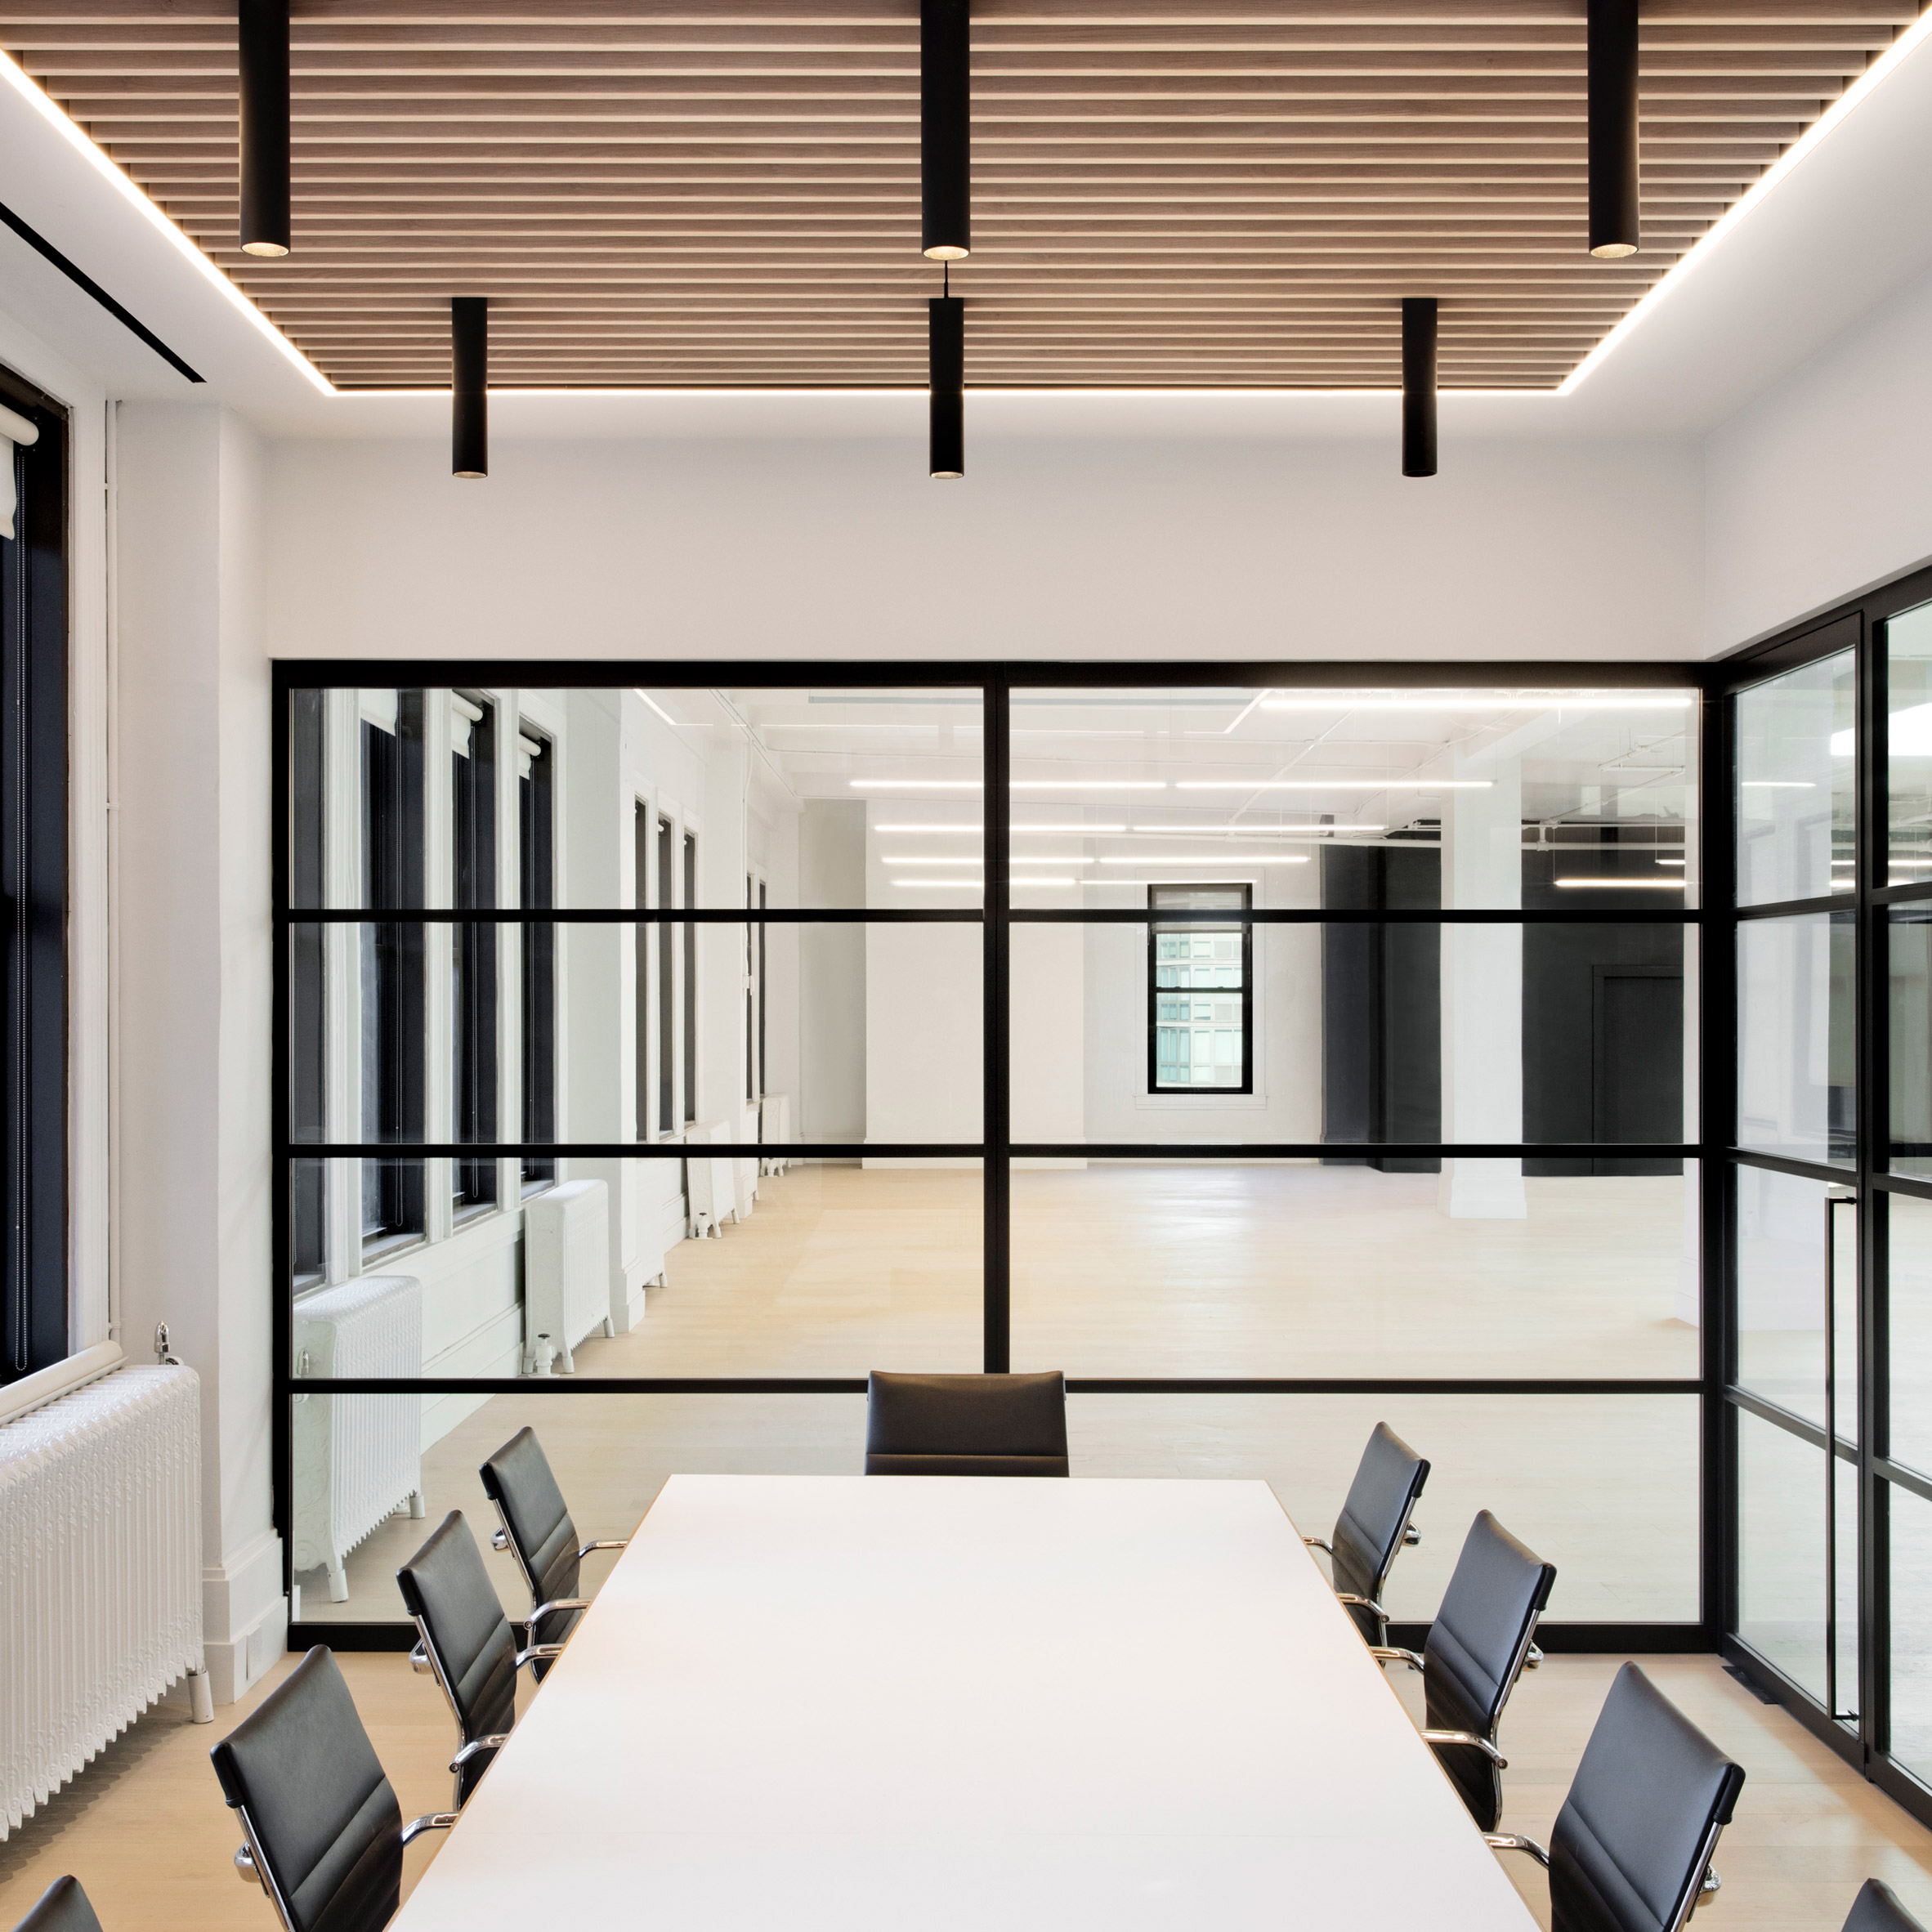 Thiết kế văn phòng hiện đại 3